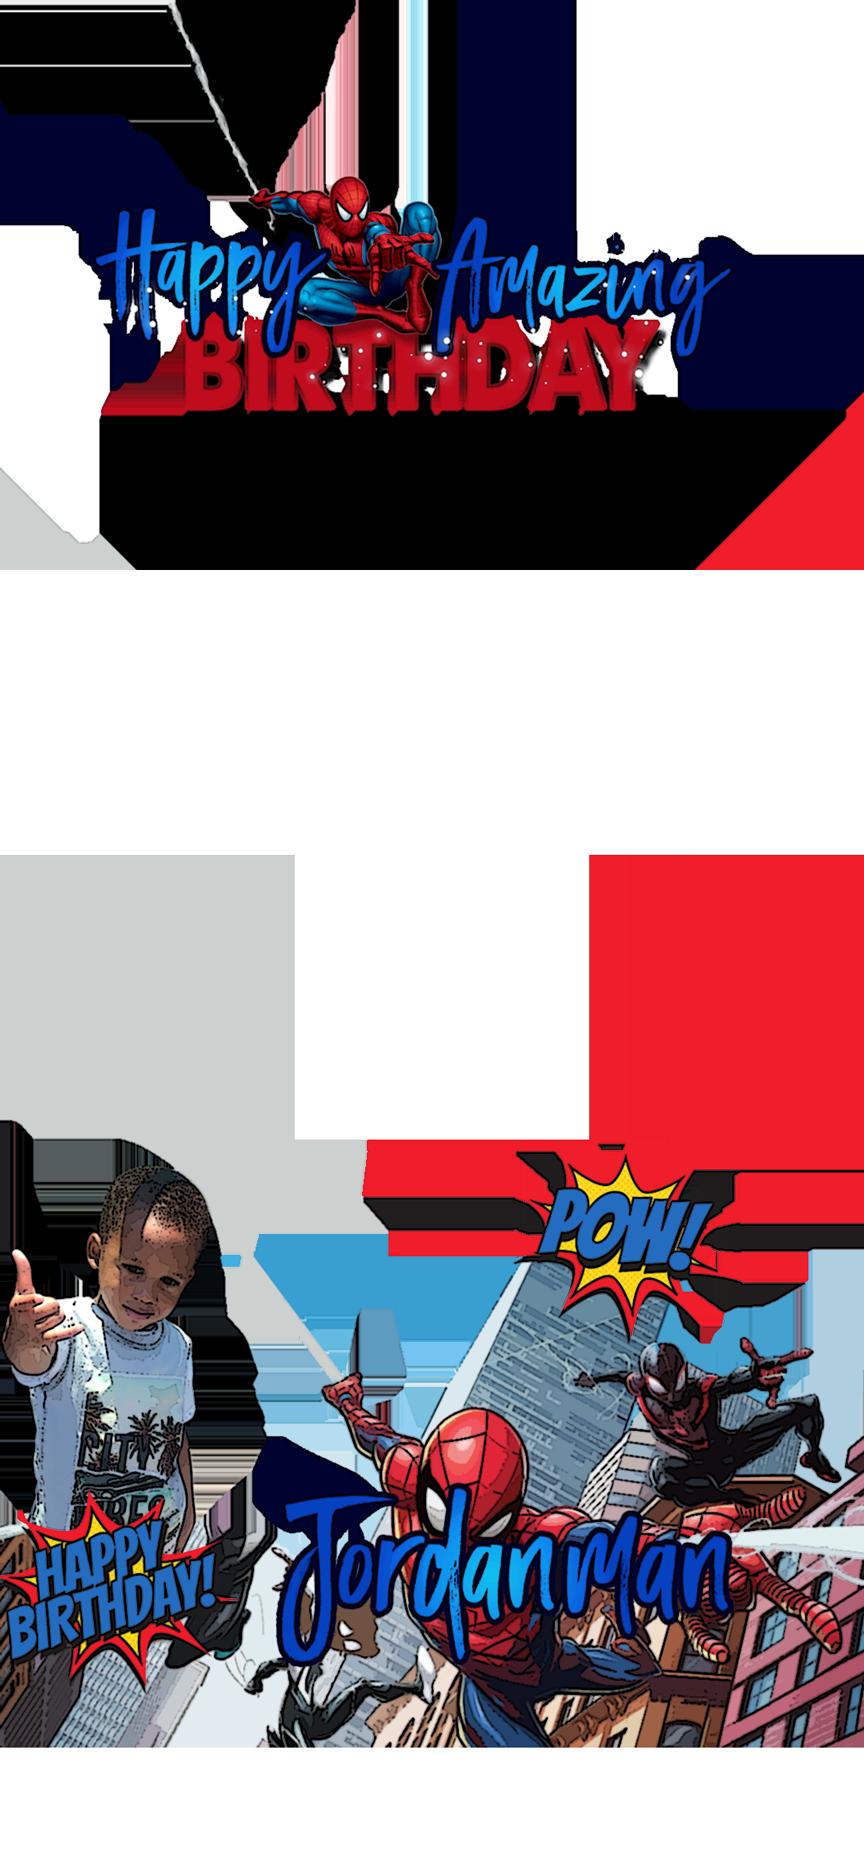 Gia---spiderman-filter